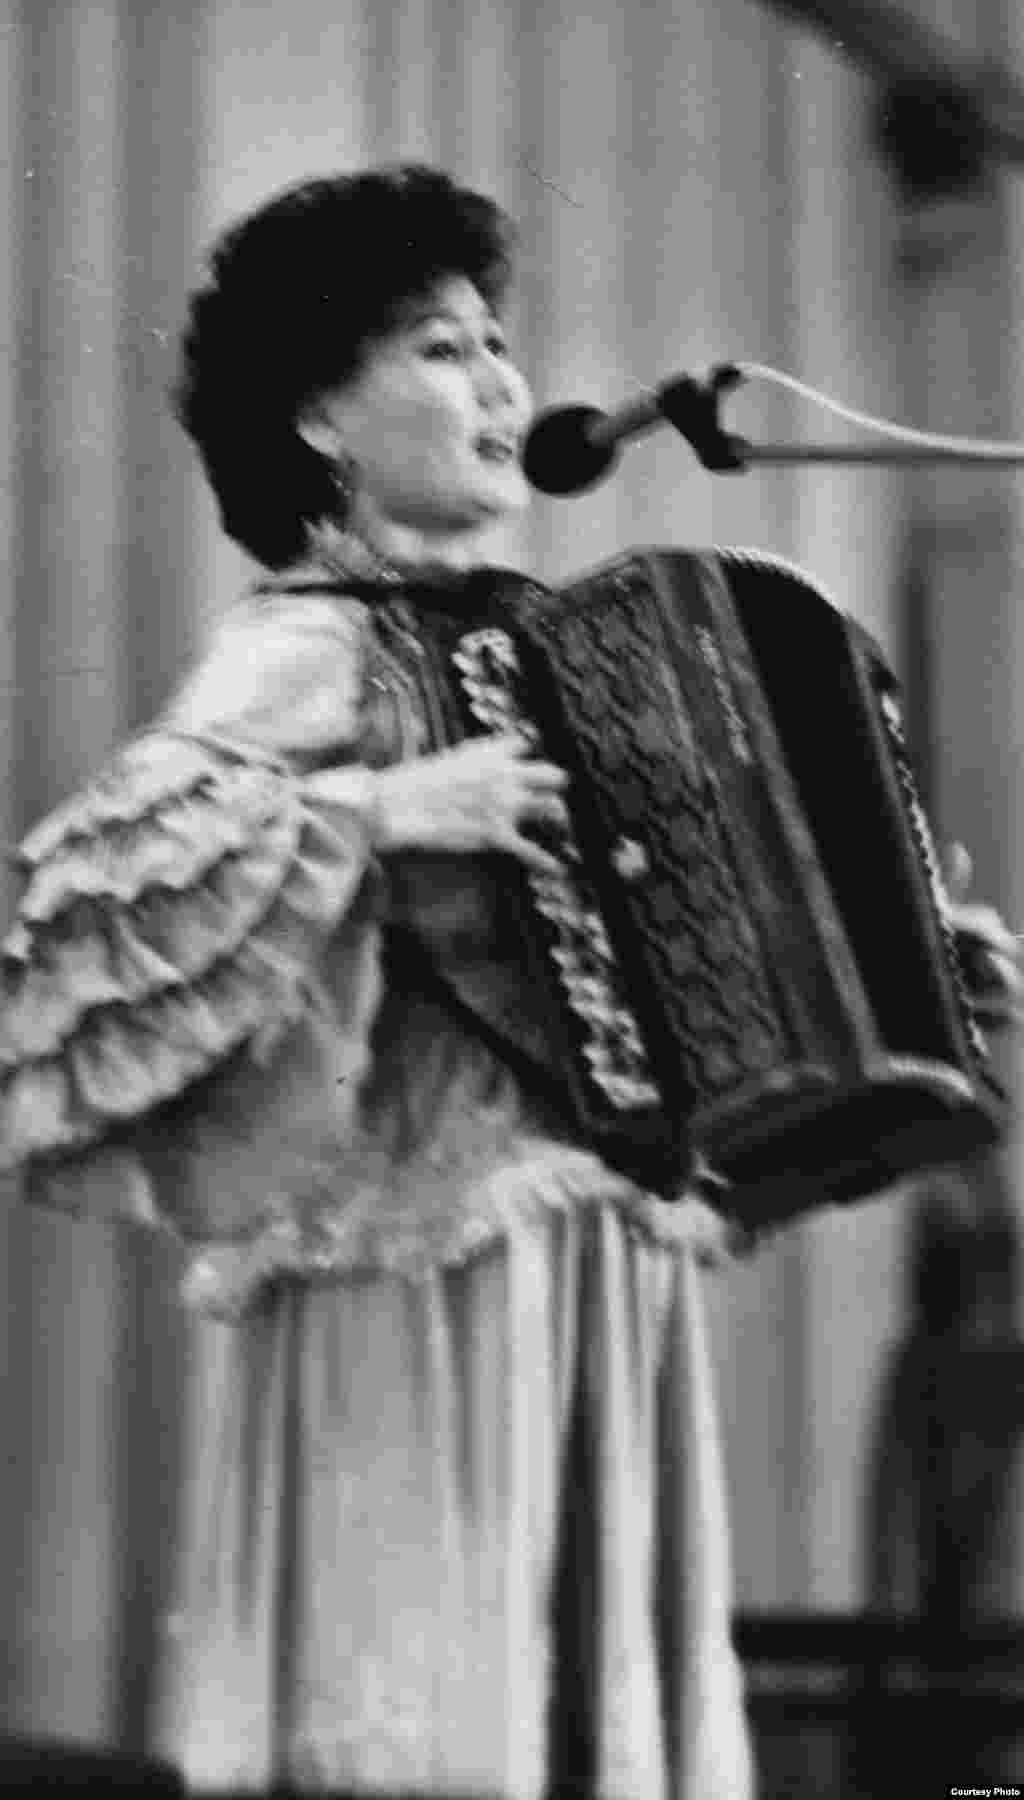 Мәдина алғашқы әндерін баянмен орындайтын. - Мәдина Ералиева өзінің жұлдызын жандырған «Ақбаян» әнін шырқап тұр. 1978 жыл.